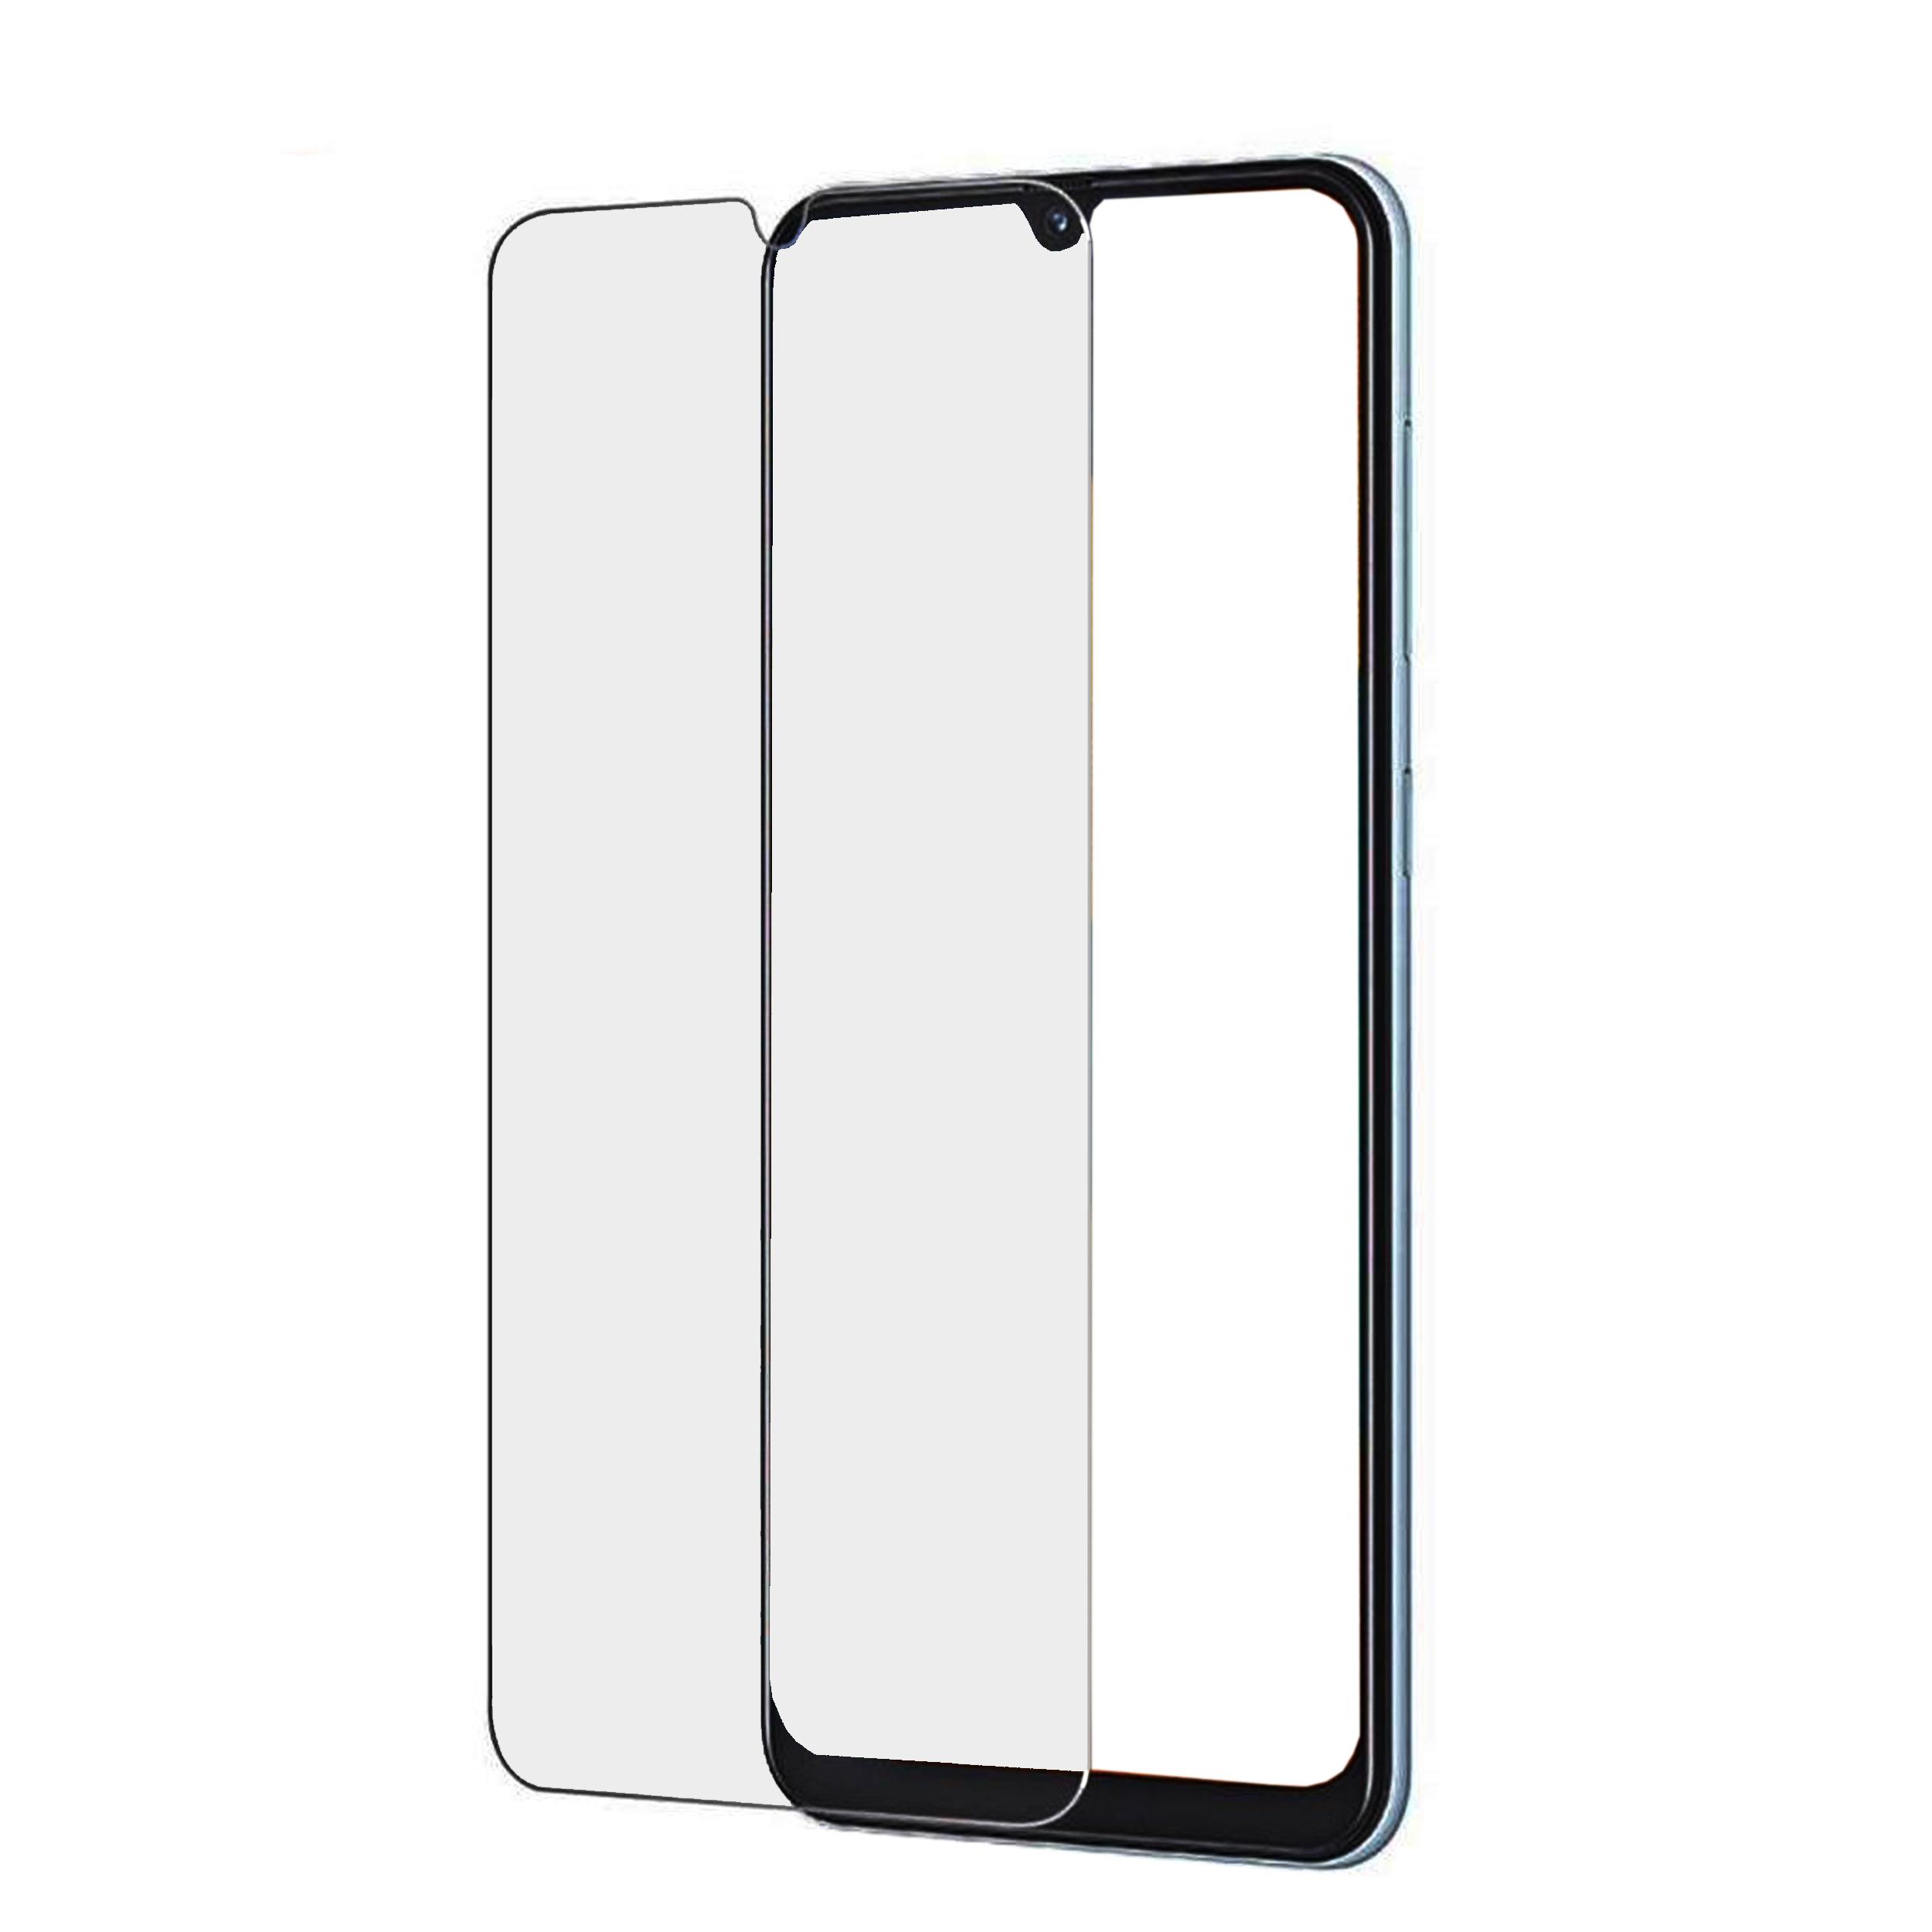 محافظ صفحه نمایش مدل SAB1 مناسب برای گوشی موبایل سامسونگGalaxy A10 / A10s / M10 / M10s